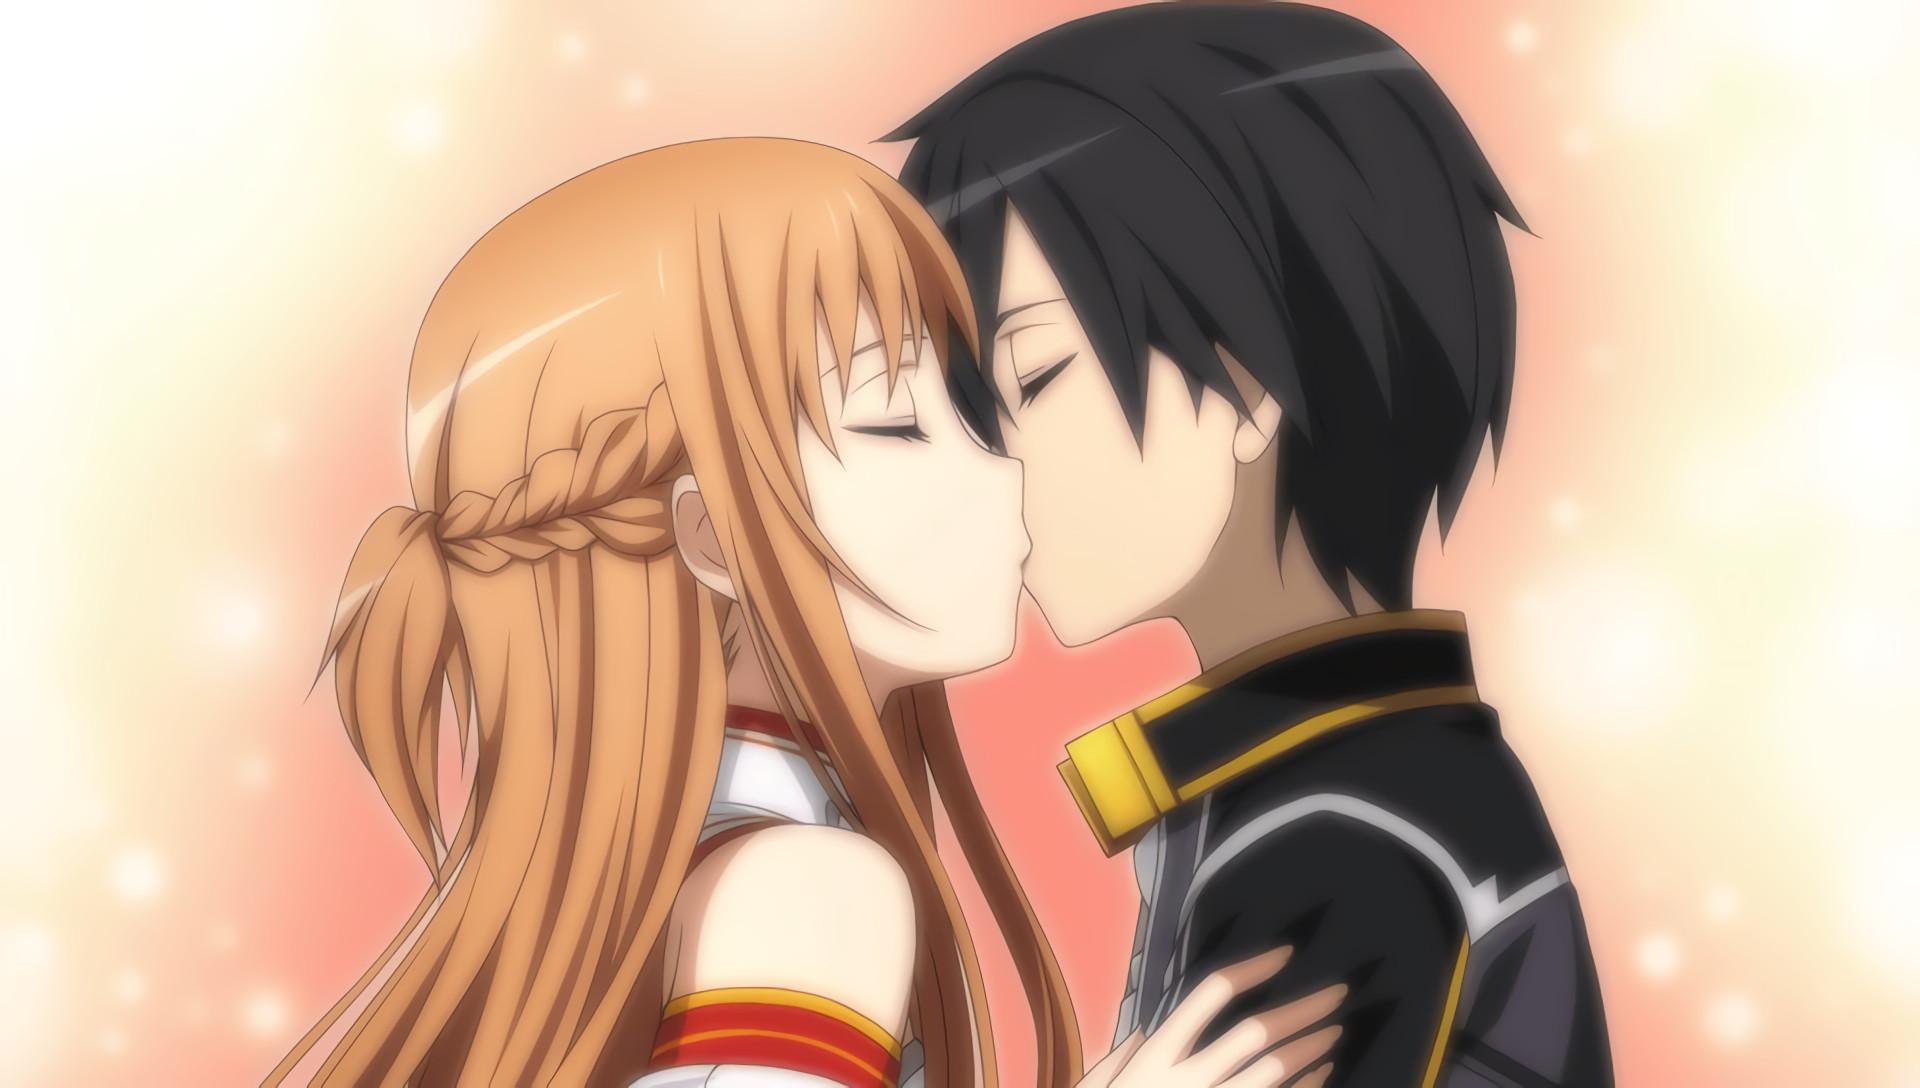 Vừa rồi là tuyển tập những hình nền anime hôn nhau lãng mạn và đẹp nhất, chất lượng HD rõ nét nhất mà chúng tôi gửi đến bạn.